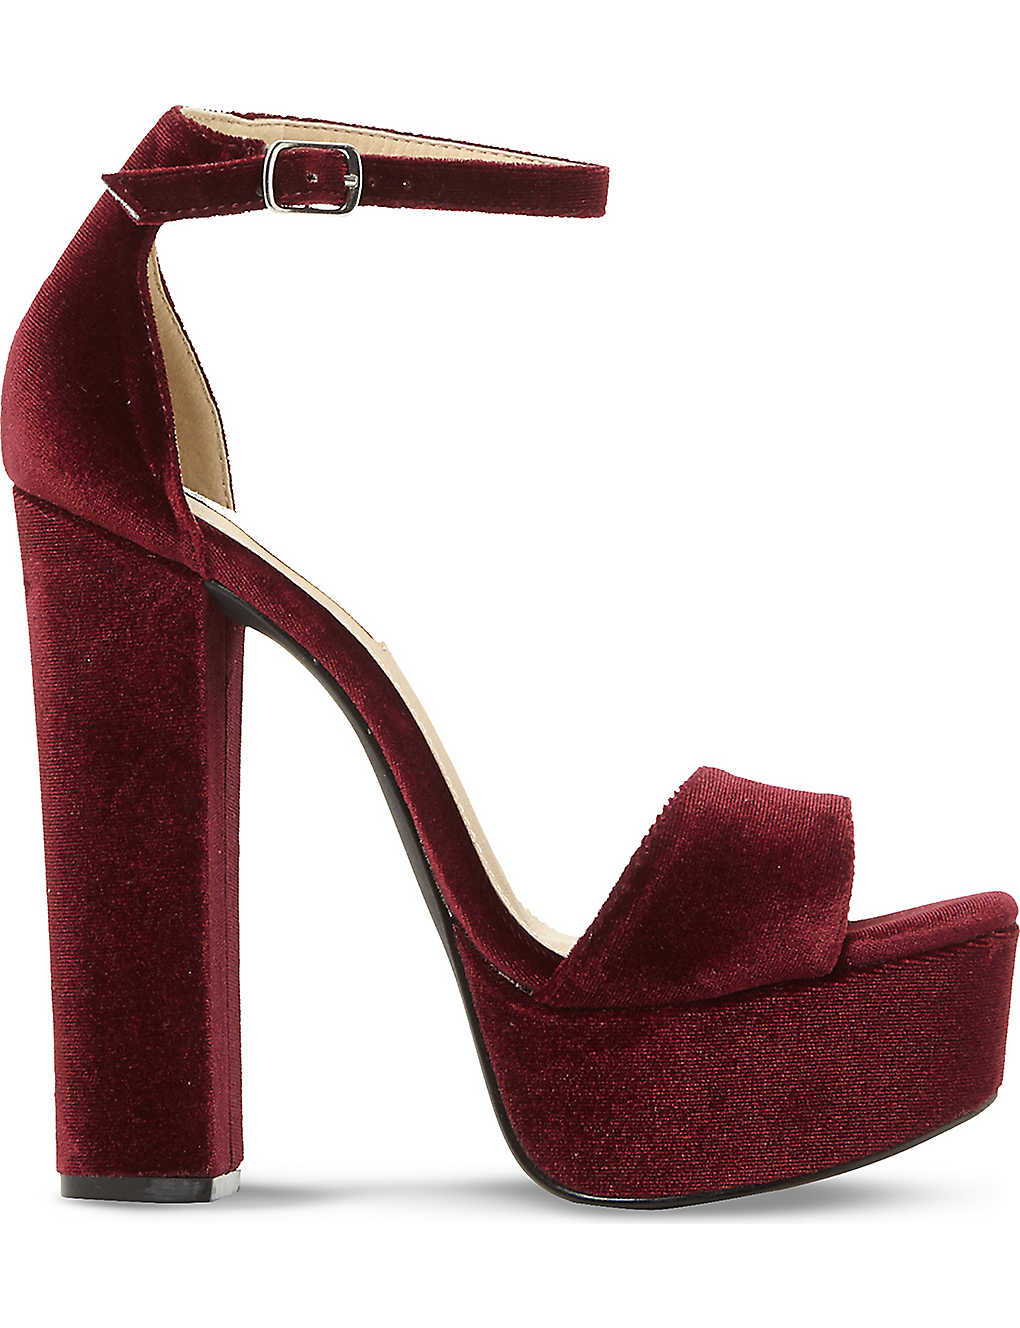 2b0a8ed3a29 STEVE MADDEN - Gonzo velvet platform sandals